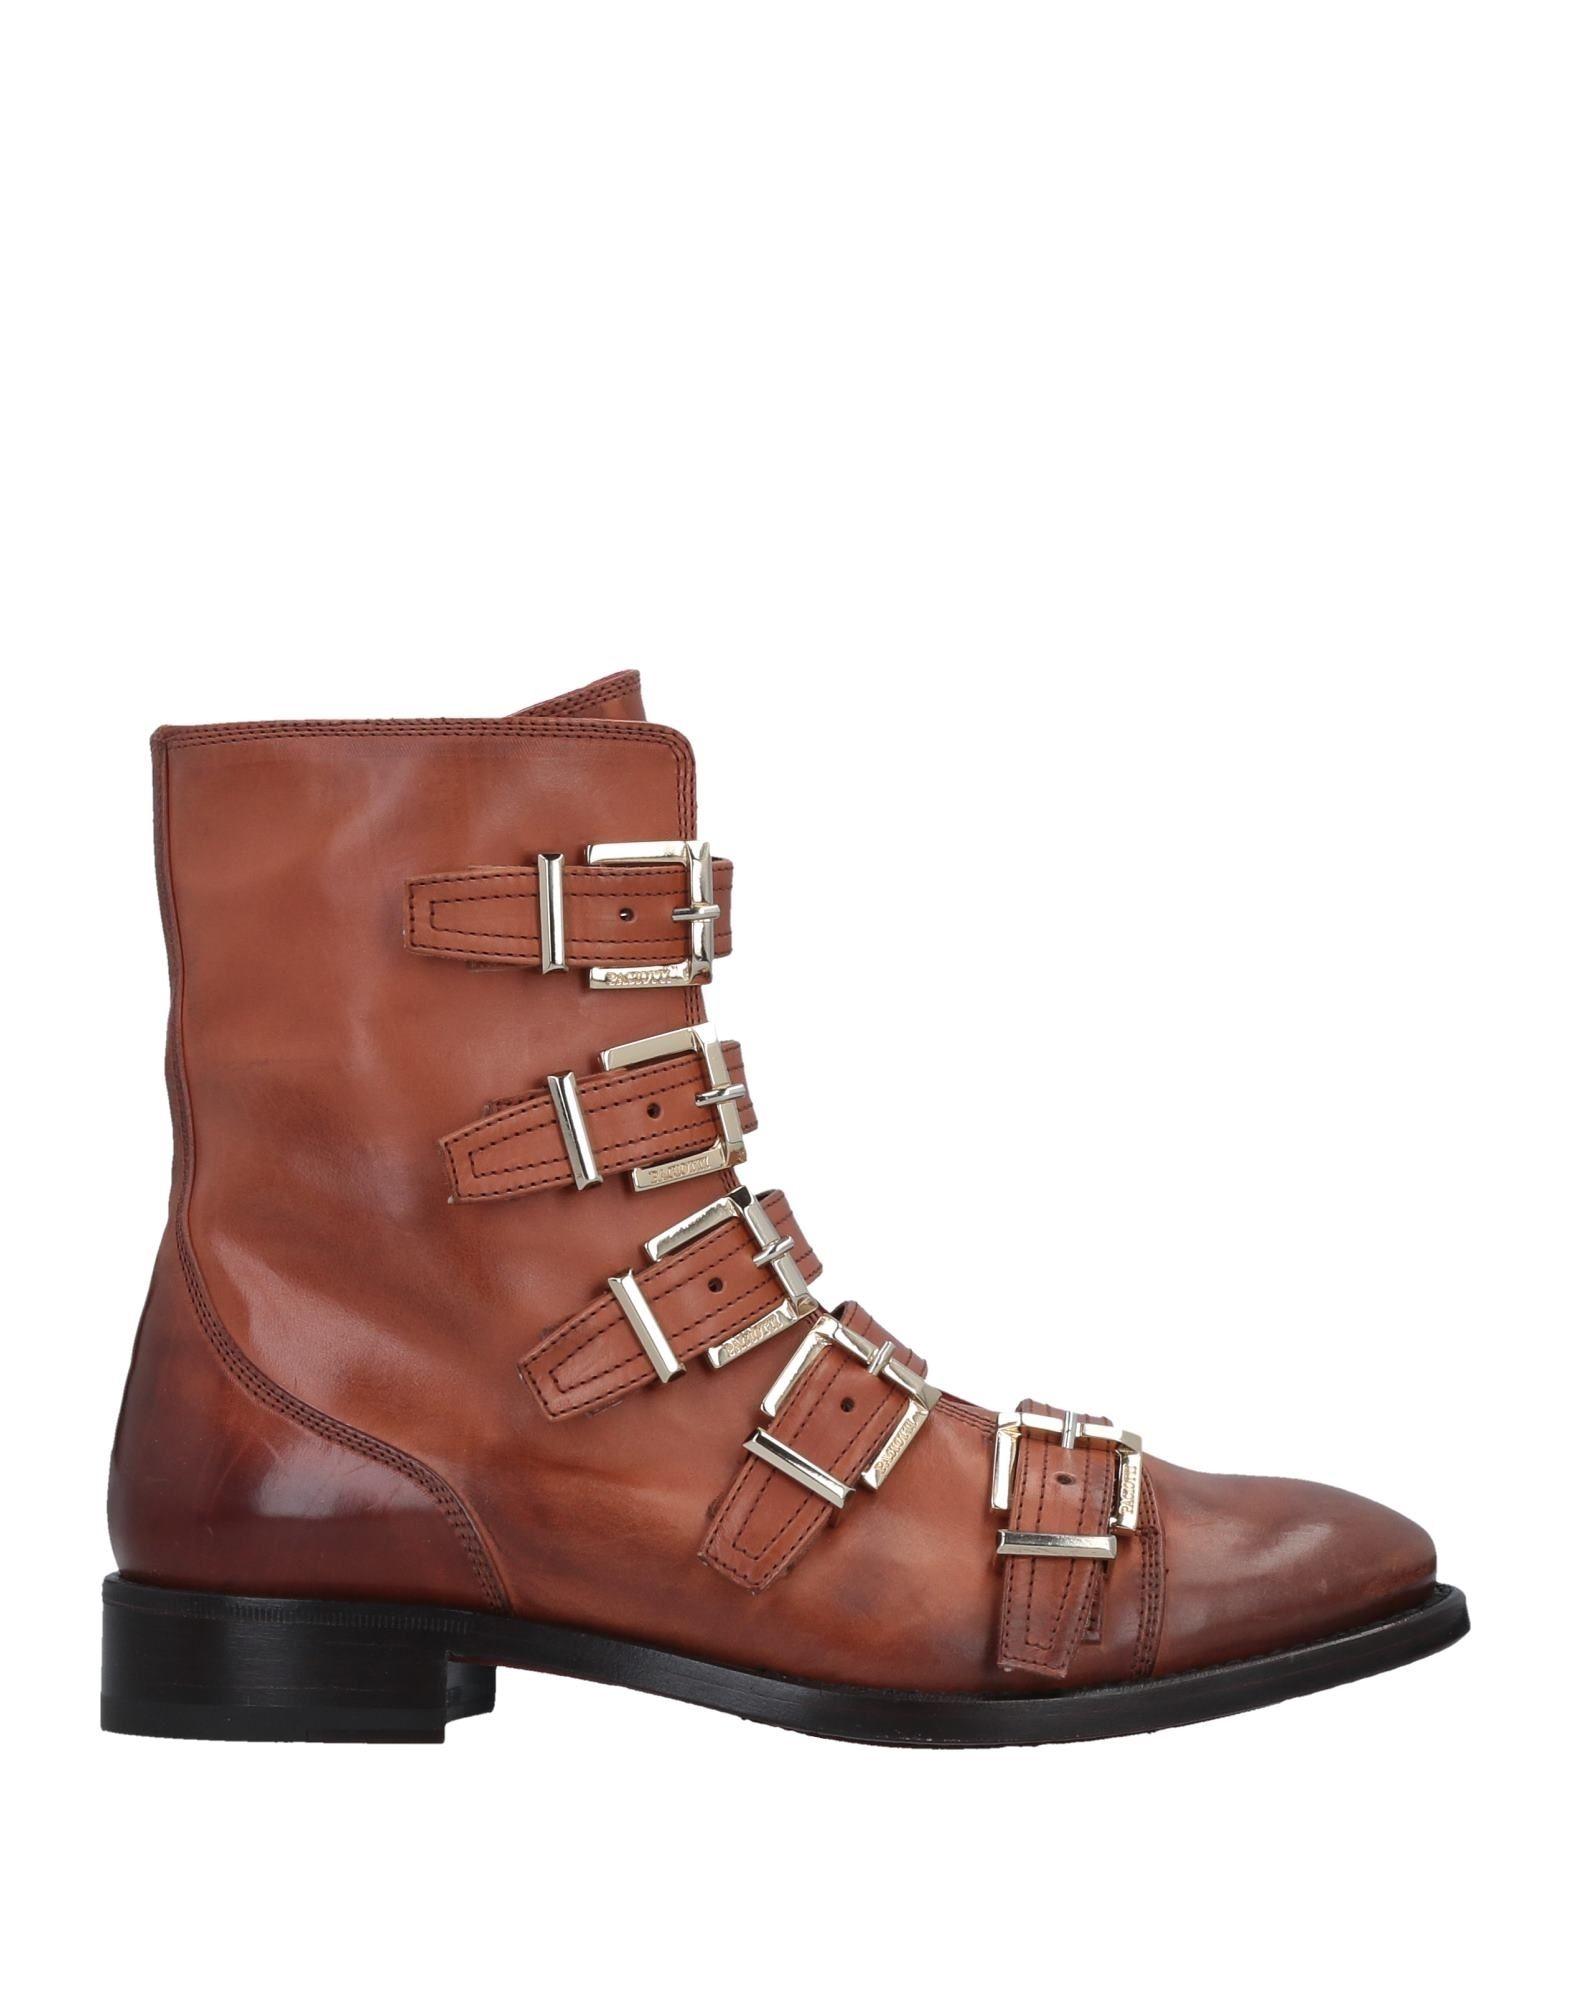 Cesare Paciotti Stiefelette Damen  11507092MUGünstige gut aussehende Schuhe